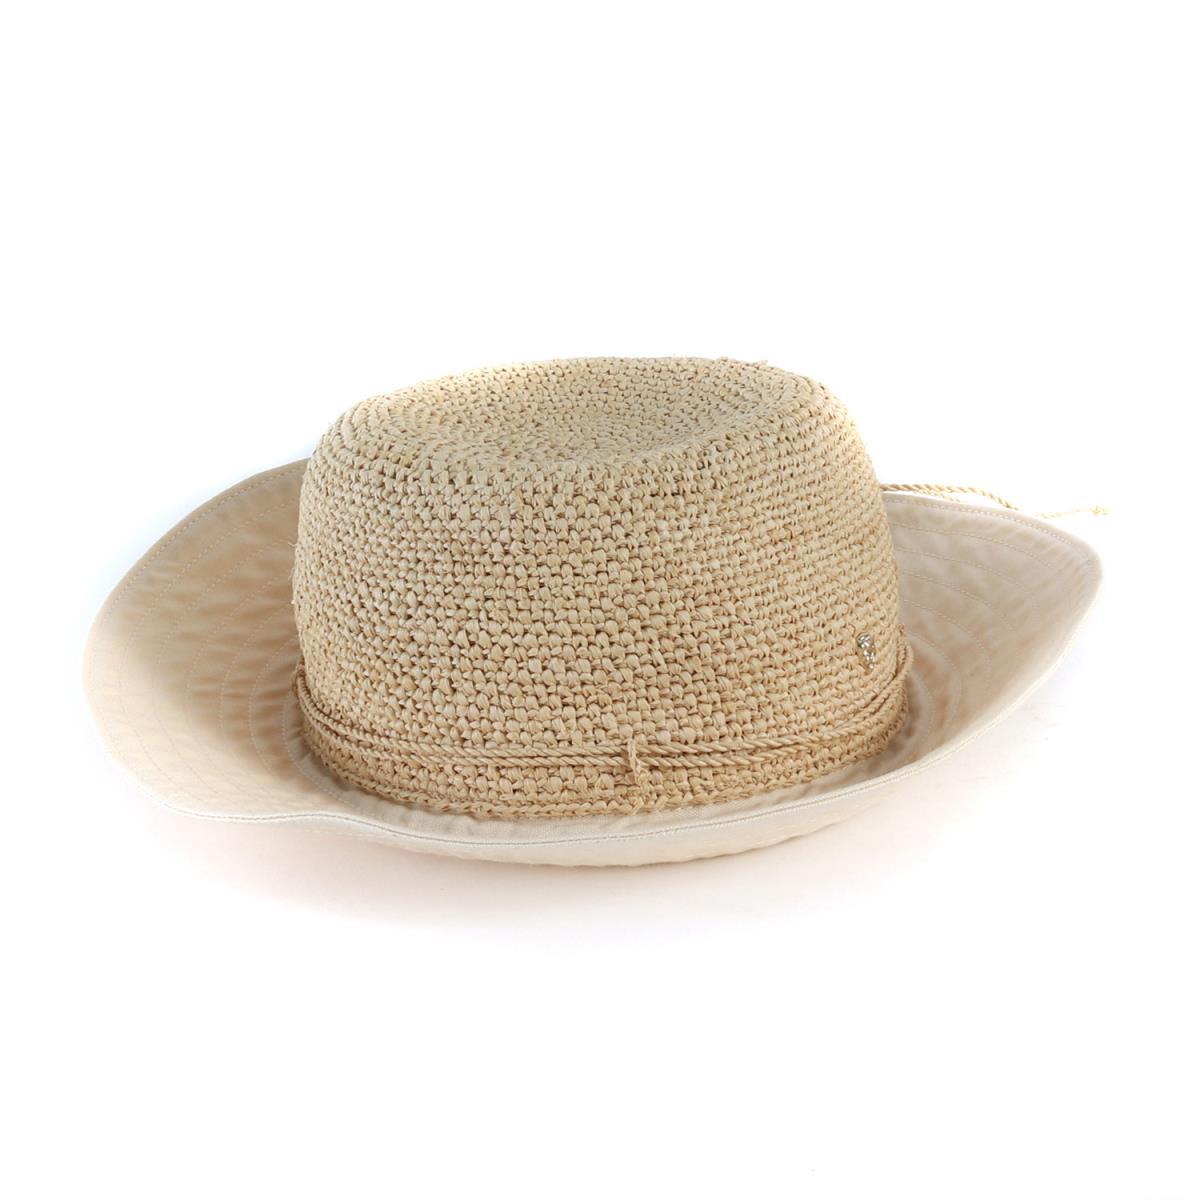 Helen Kaminski(ヘレンカミンスキー) コットン ラフィアハット 帽子 KUYA8 ベージュ×オフホワイト 【レディース】【中古】【K2336】